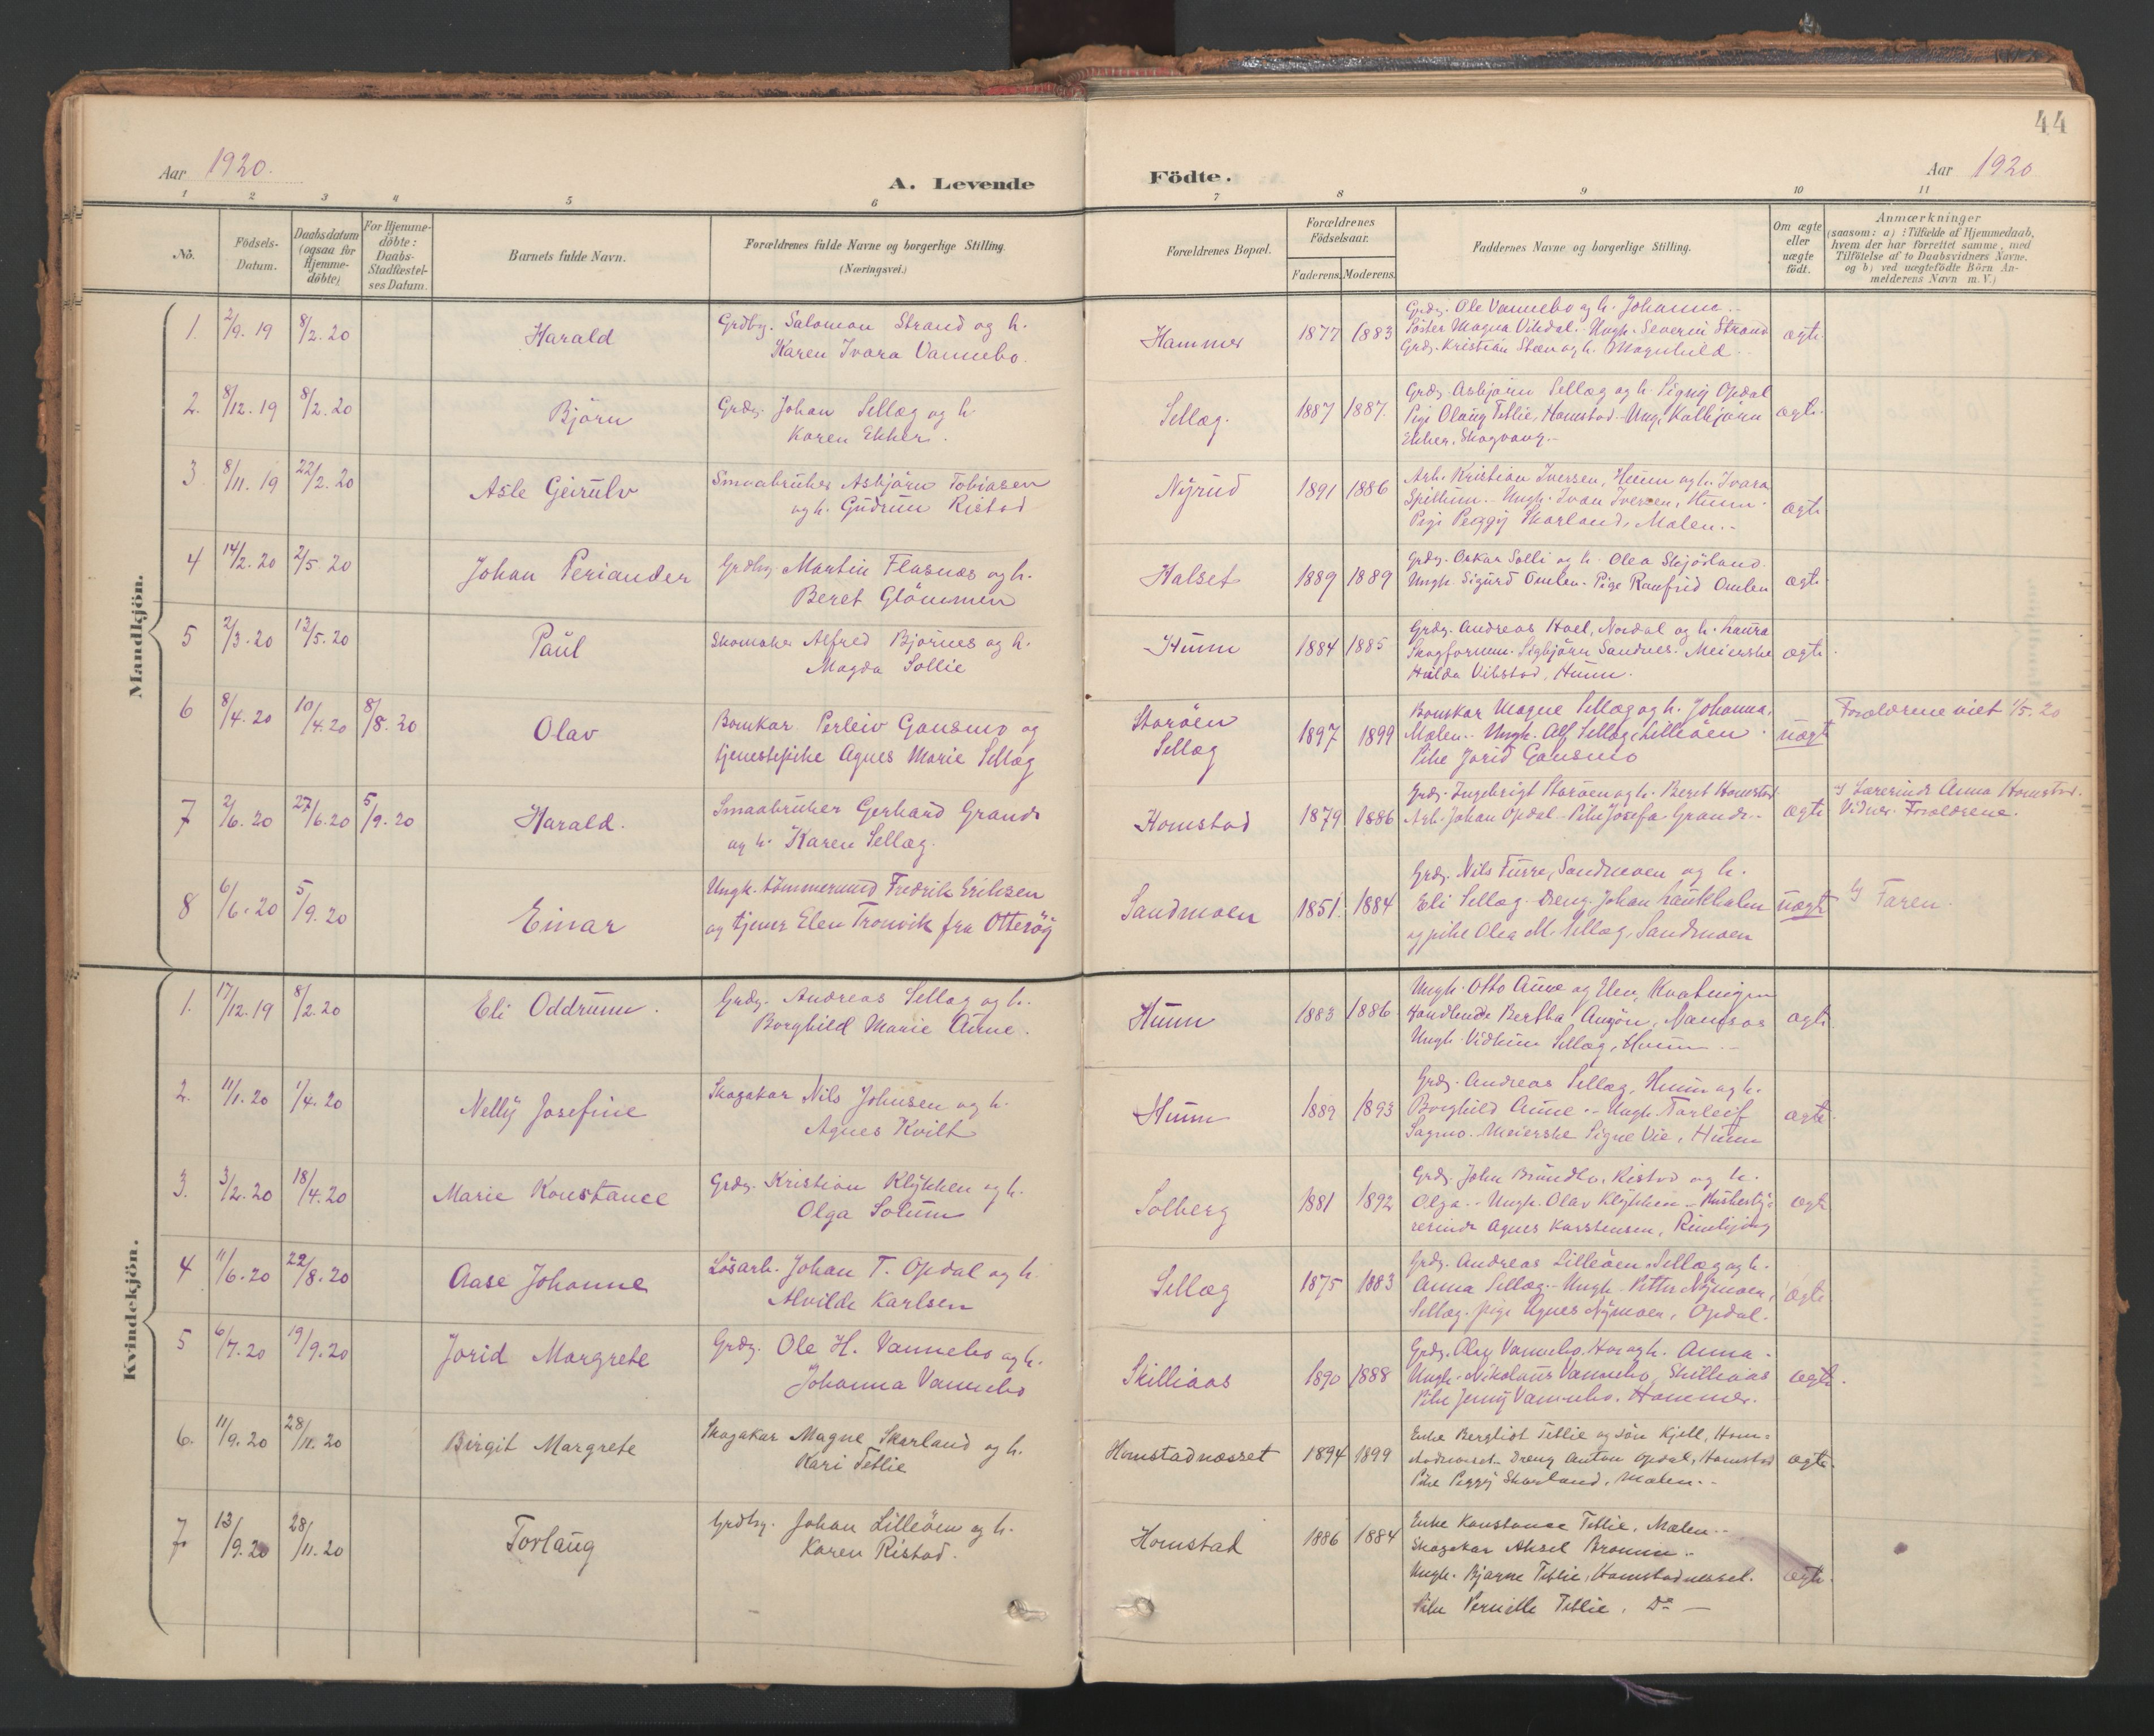 SAT, Ministerialprotokoller, klokkerbøker og fødselsregistre - Nord-Trøndelag, 766/L0564: Ministerialbok nr. 767A02, 1900-1932, s. 44